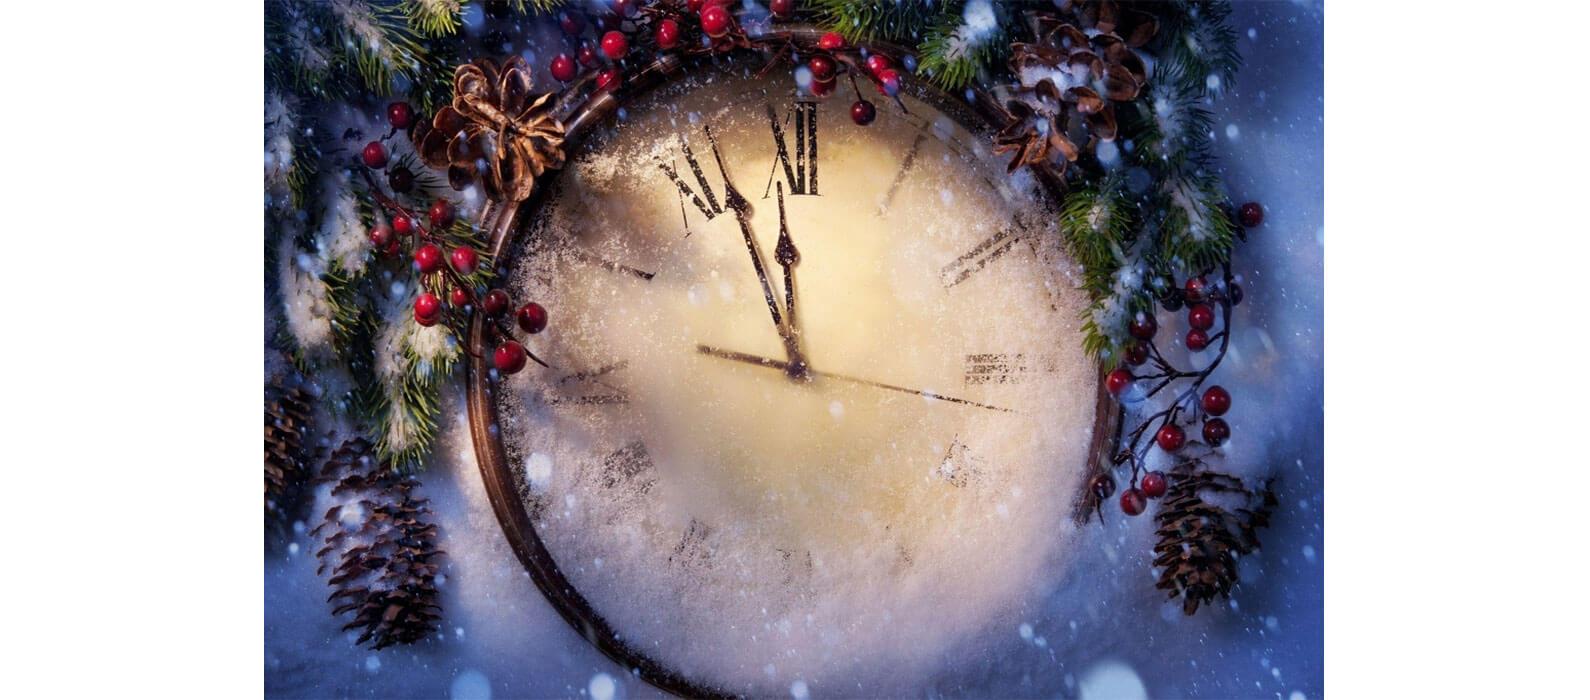 Як зустріти новорічні свята за містом?